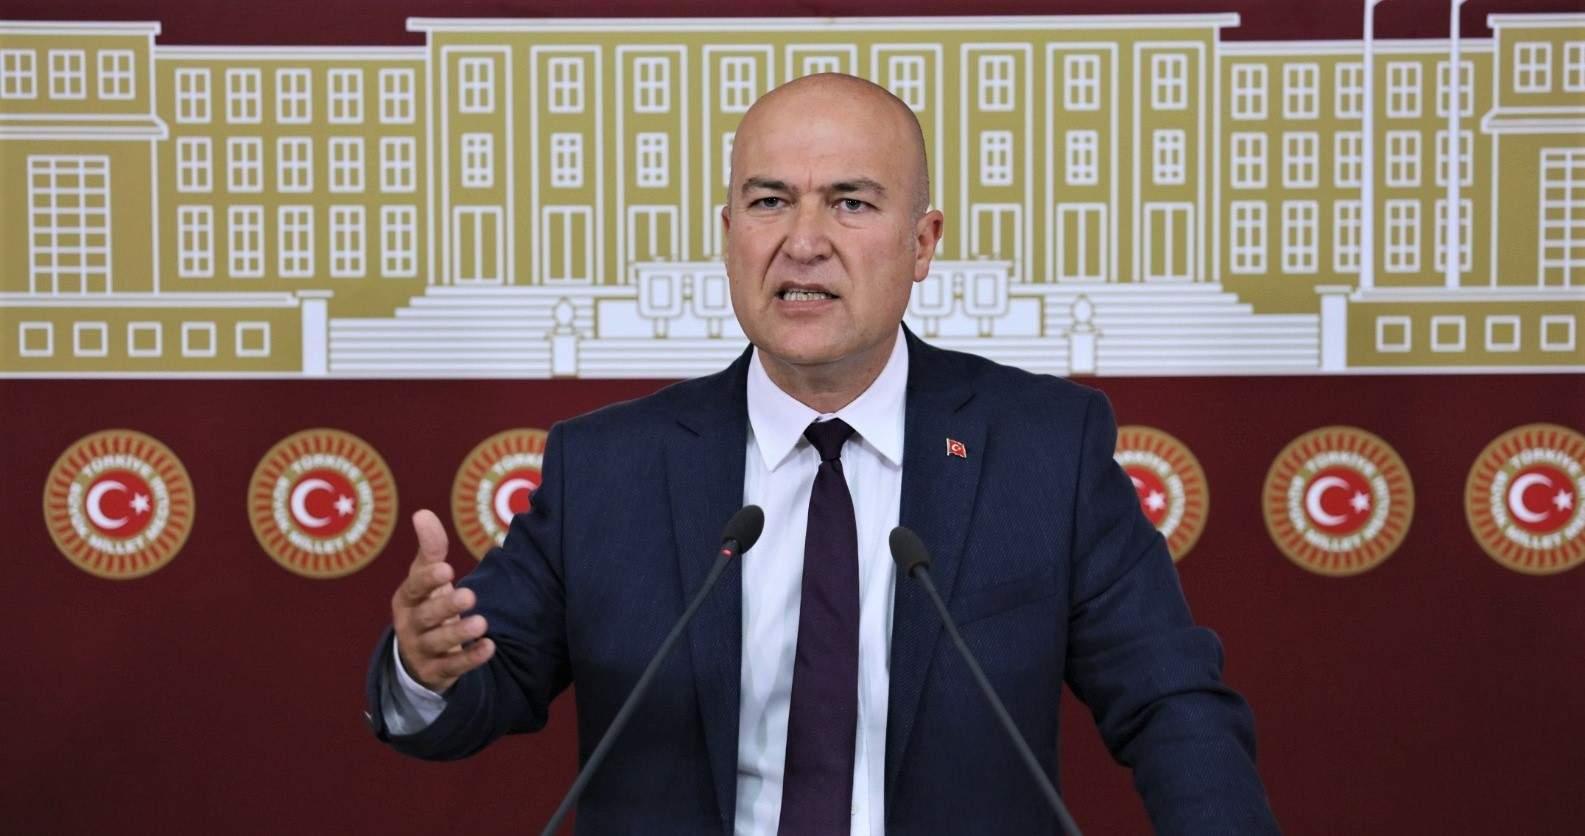 CHP'li Bakan'dan 'atık 'tepkisi: Sermayenin yürüttüğü lobiyle yasak kararından cayıldı!